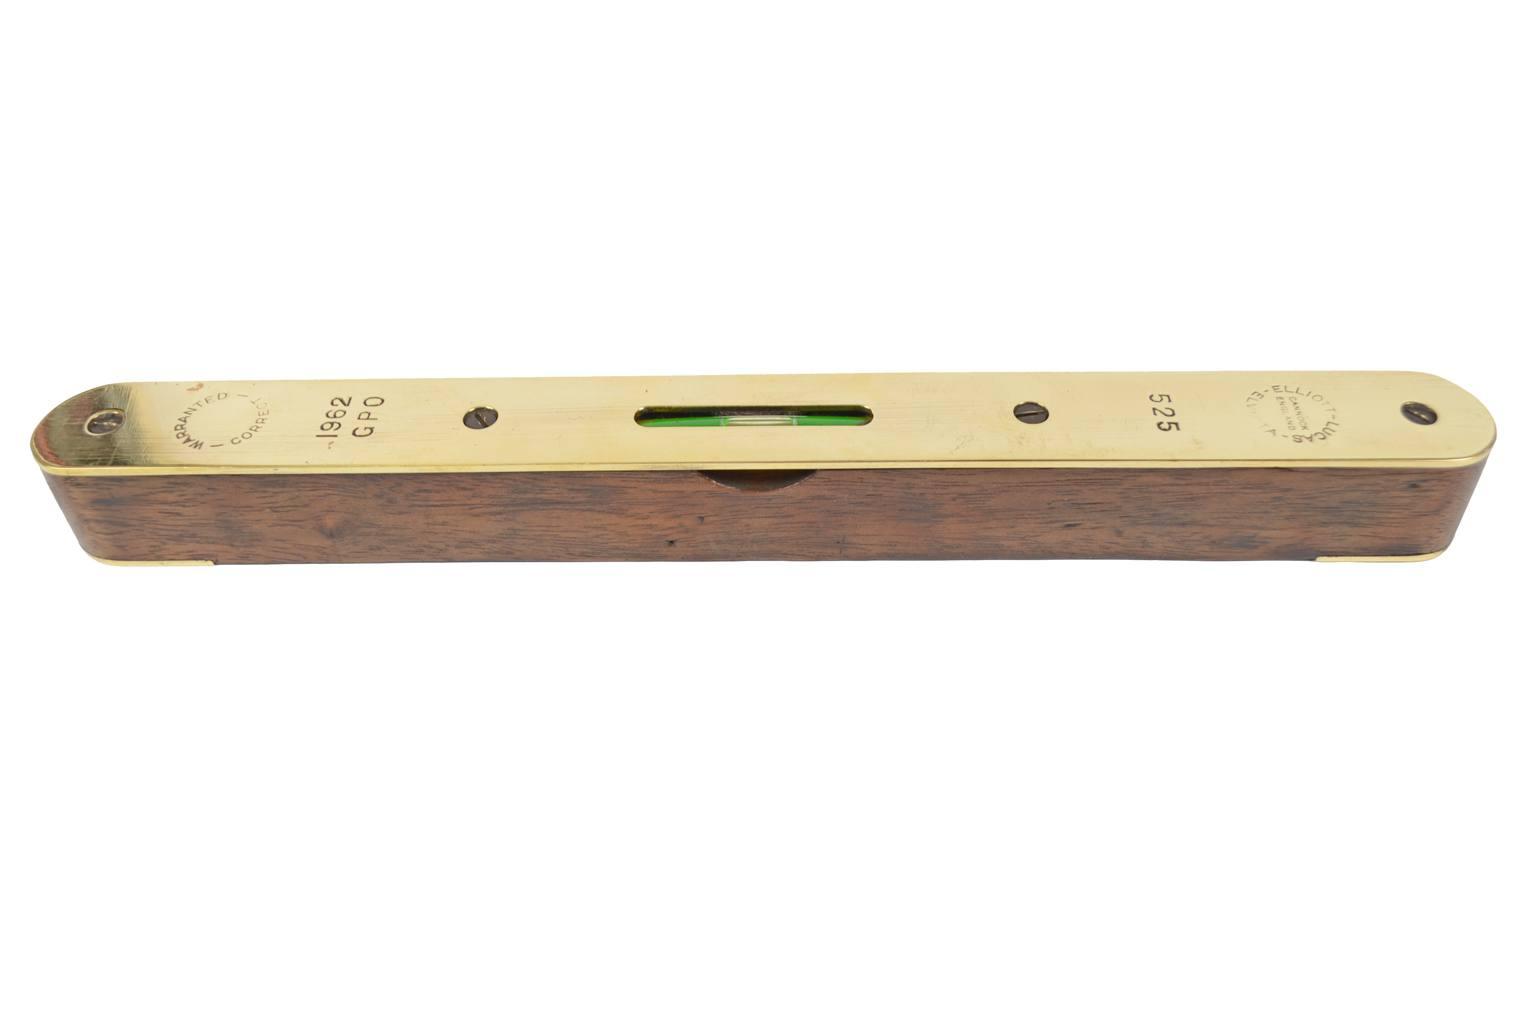 Strumenti di misura antichi/6343-Livella acqua